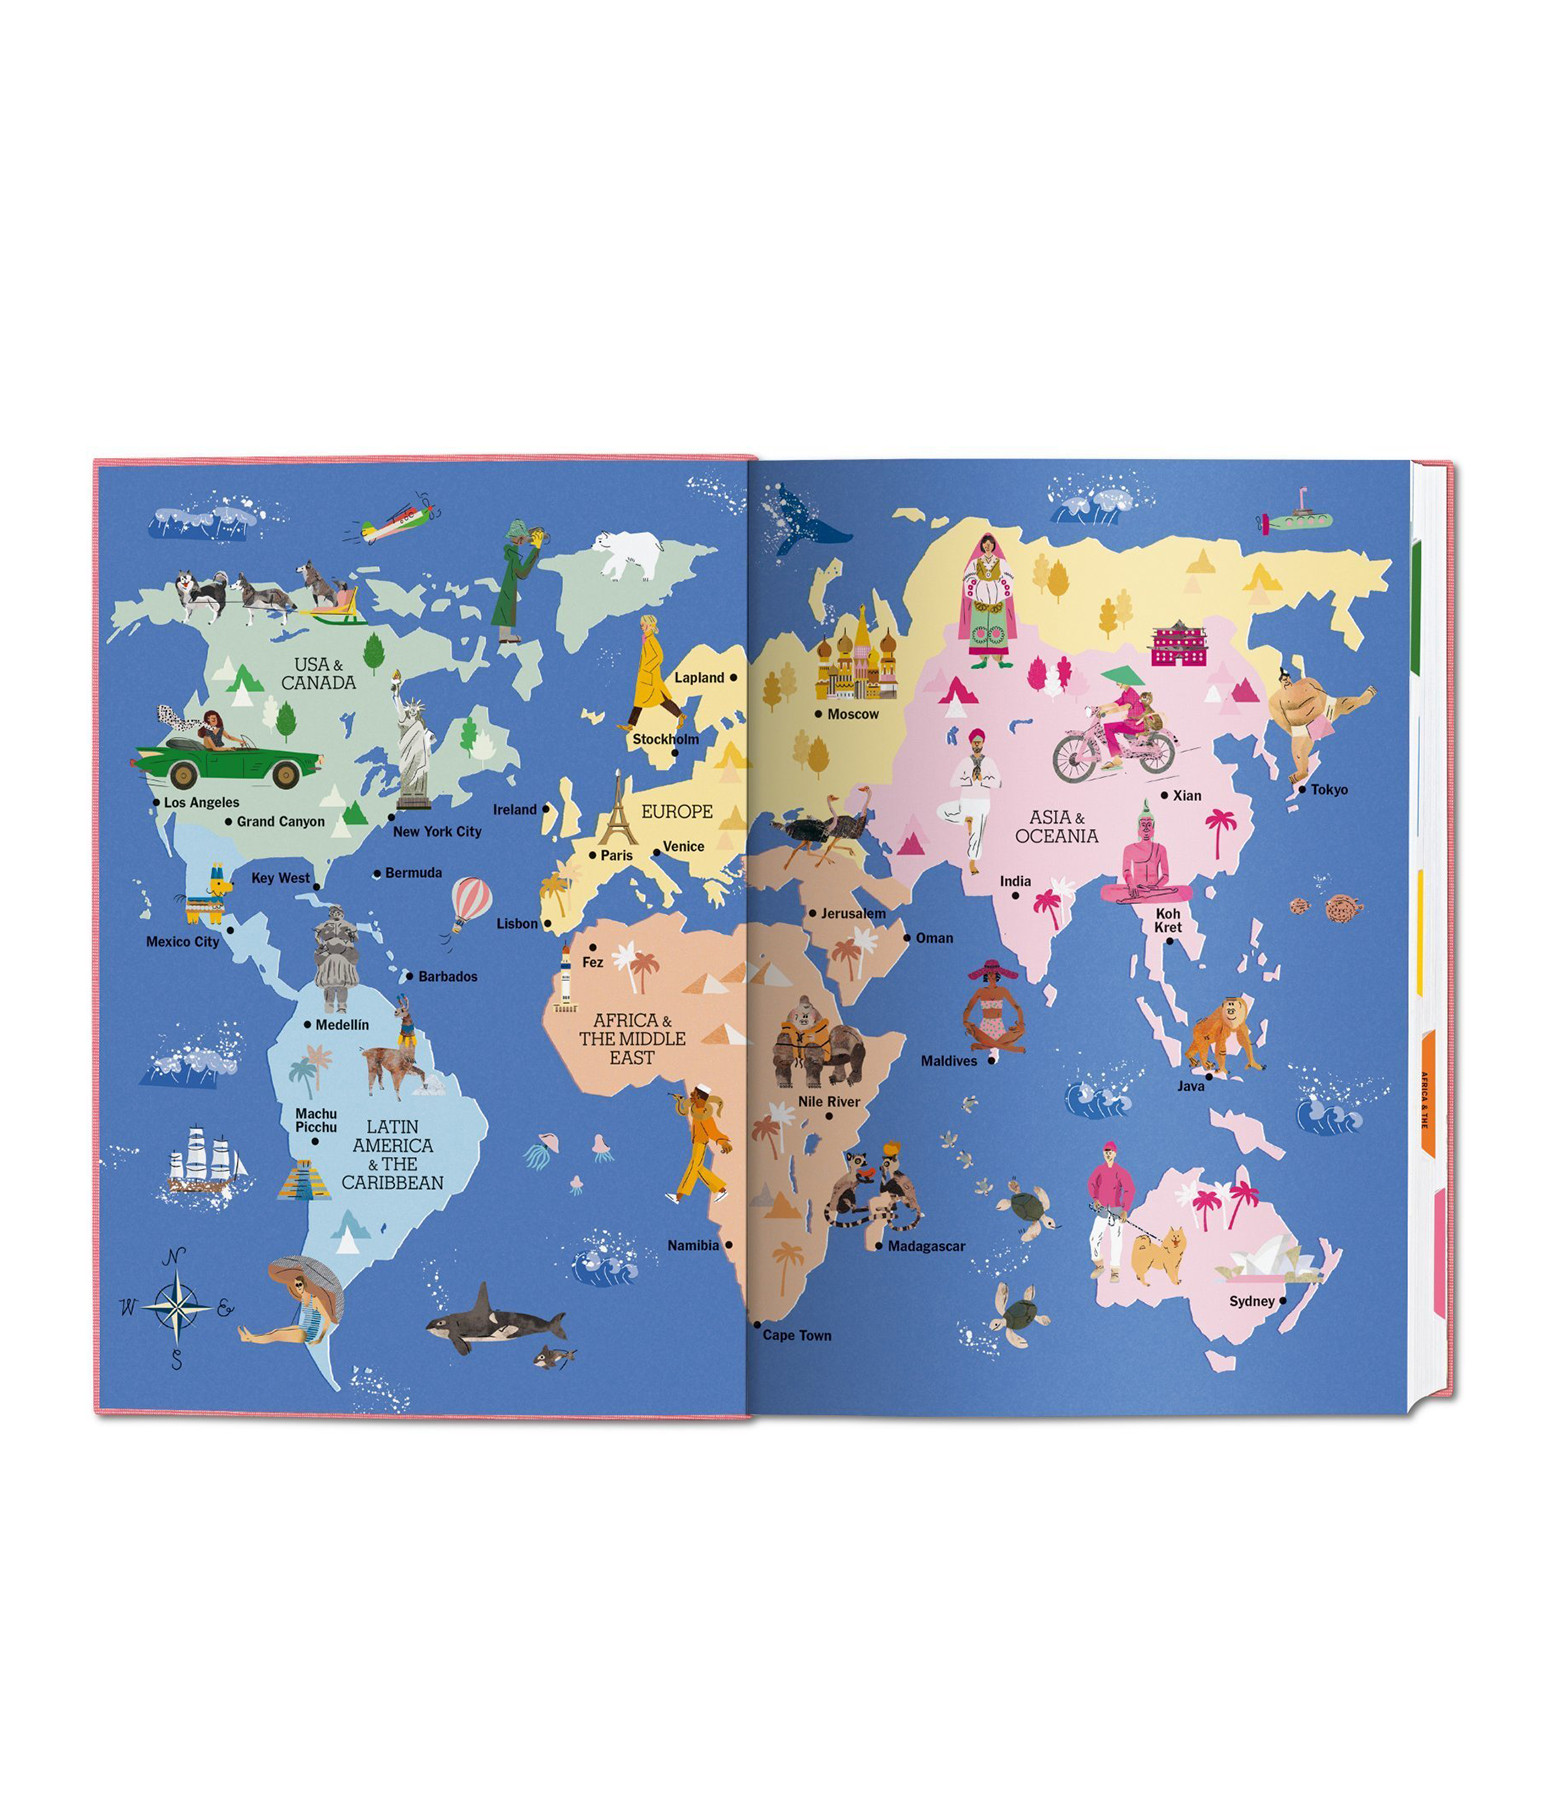 TASCHEN - Livre NYT Explorer, 100 Voyages Autour du Monde